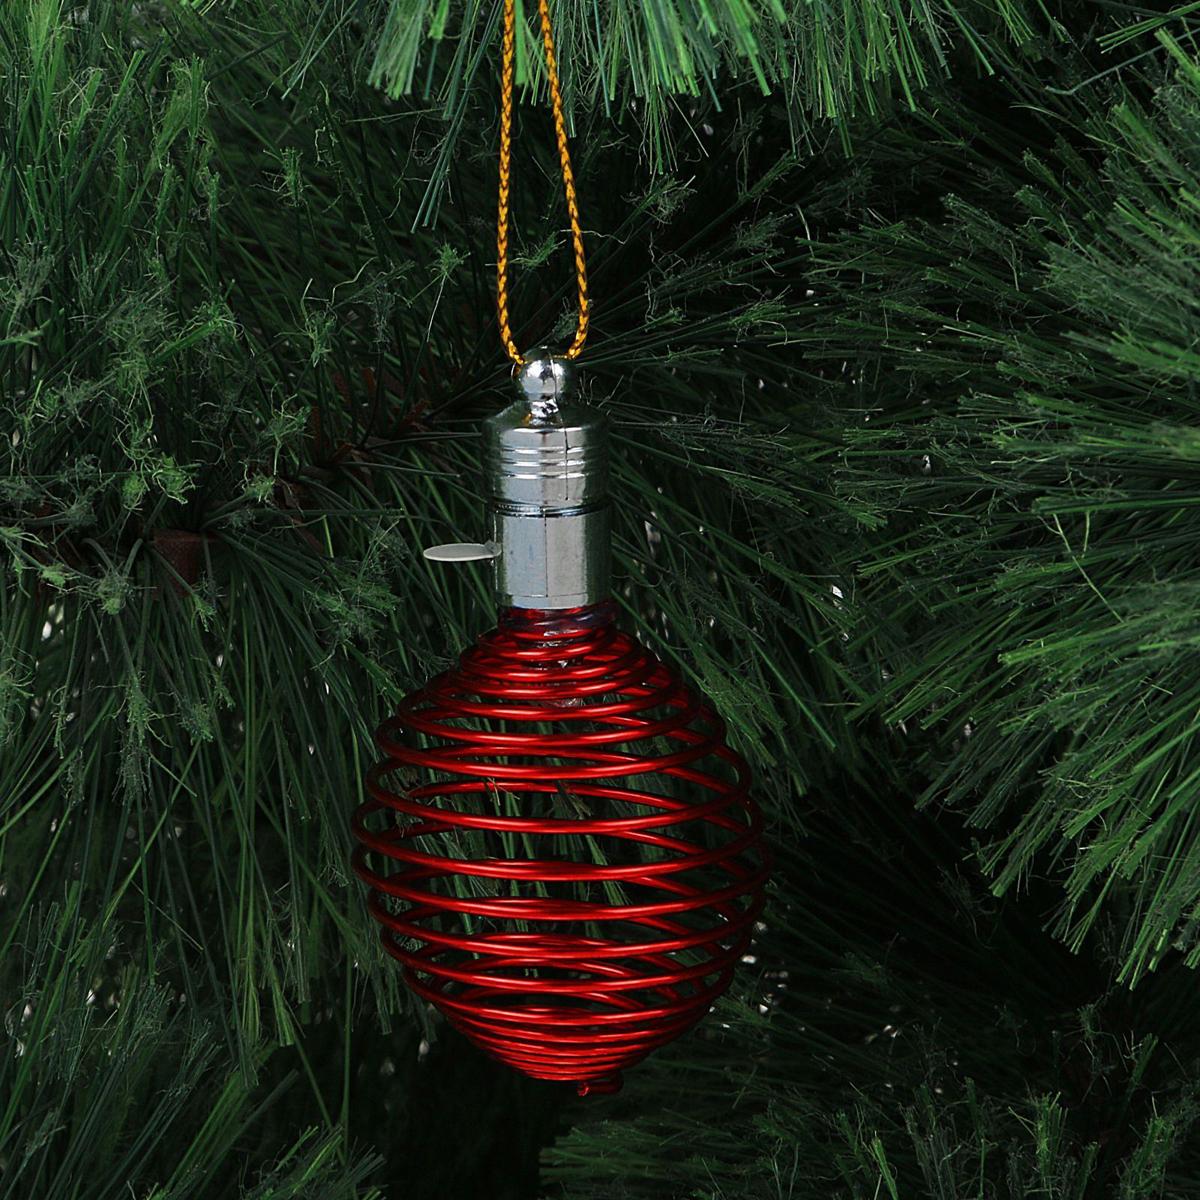 """Световая новогодняя подвеска """"Luazon Lighting"""" выполнена из металла в виде пружинки. Елочное украшение выглядит как простая елочная игрушка днем, но при этом остается видимой вечером.  Просто включите изделие с наступлением темноты, и оно украсит елку огоньками. Подвеска """"Luazon Lighting"""" работает от батареек (входят в комплект) и пожаробезопасна, так как светодиоды не нагреваются, в отличие от ламп накаливания."""